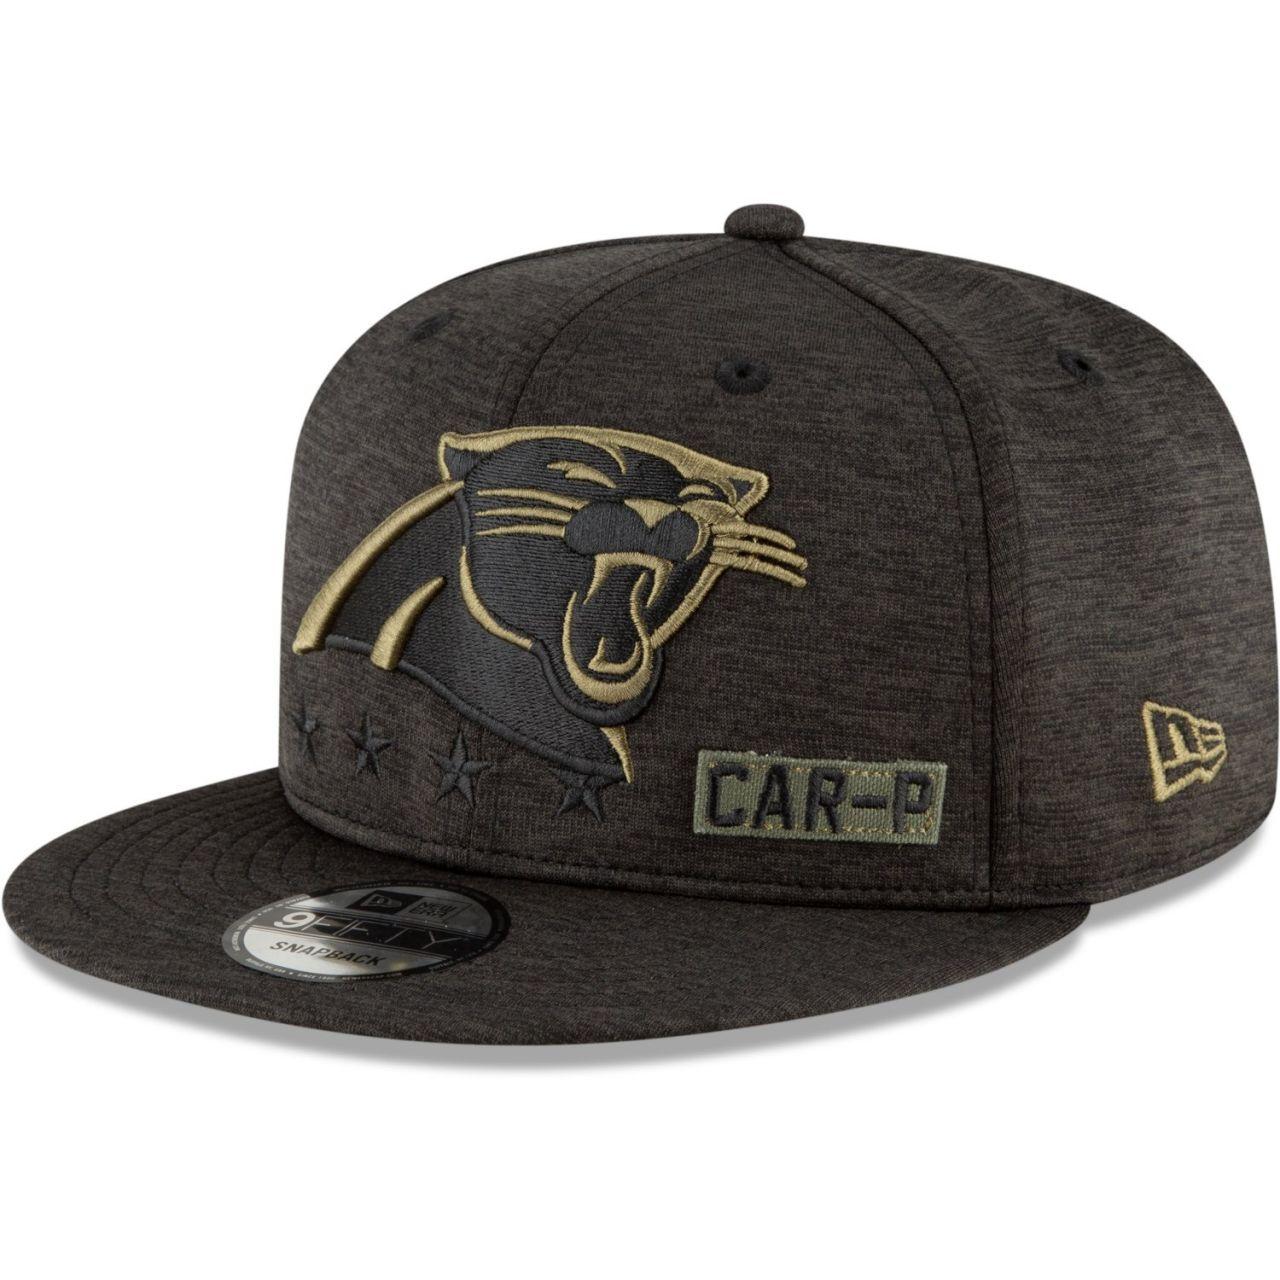 amfoo - New Era 9FIFTY Cap Salute to Service Carolina Panthers